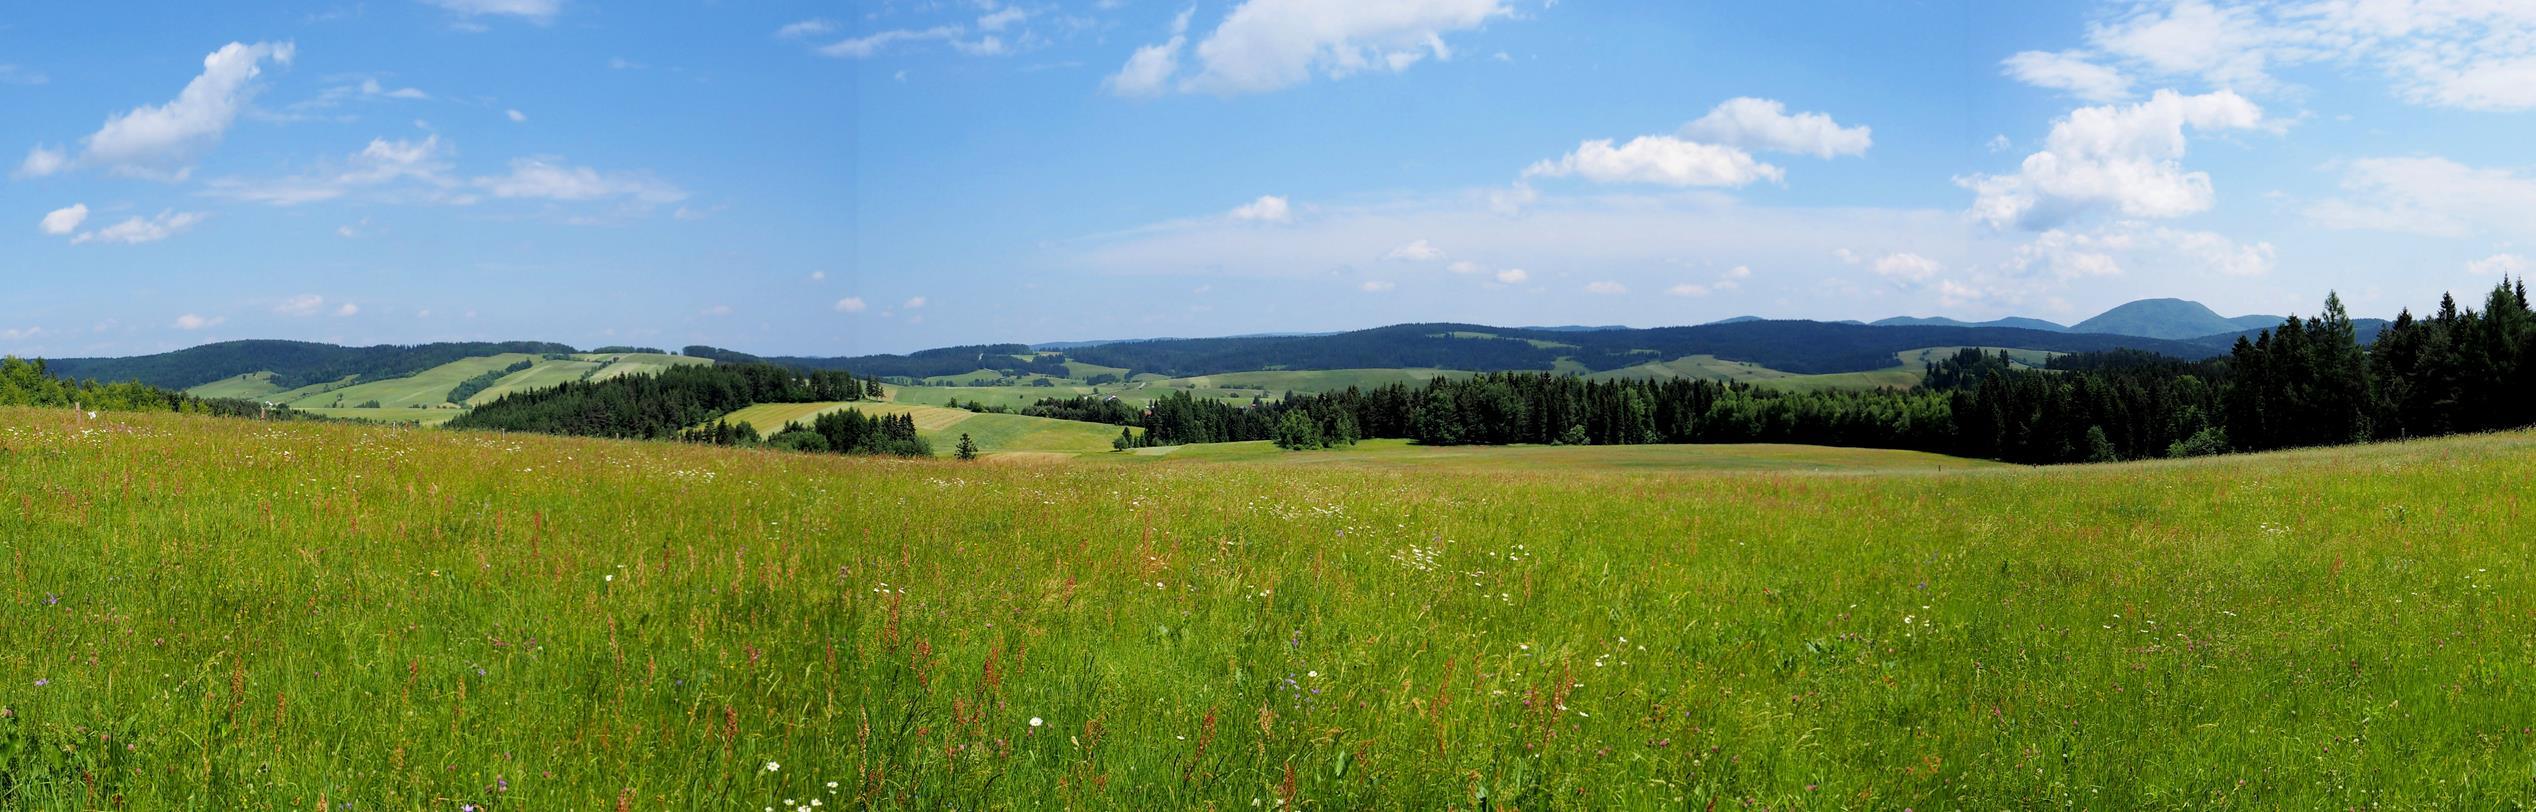 Typowy dla Beskidu Niskiego, sielski krajobraz. W tle ostro zarysowany, charakterystyczny masyw Lackowej - najwyższego szczytu B. Niskiego.